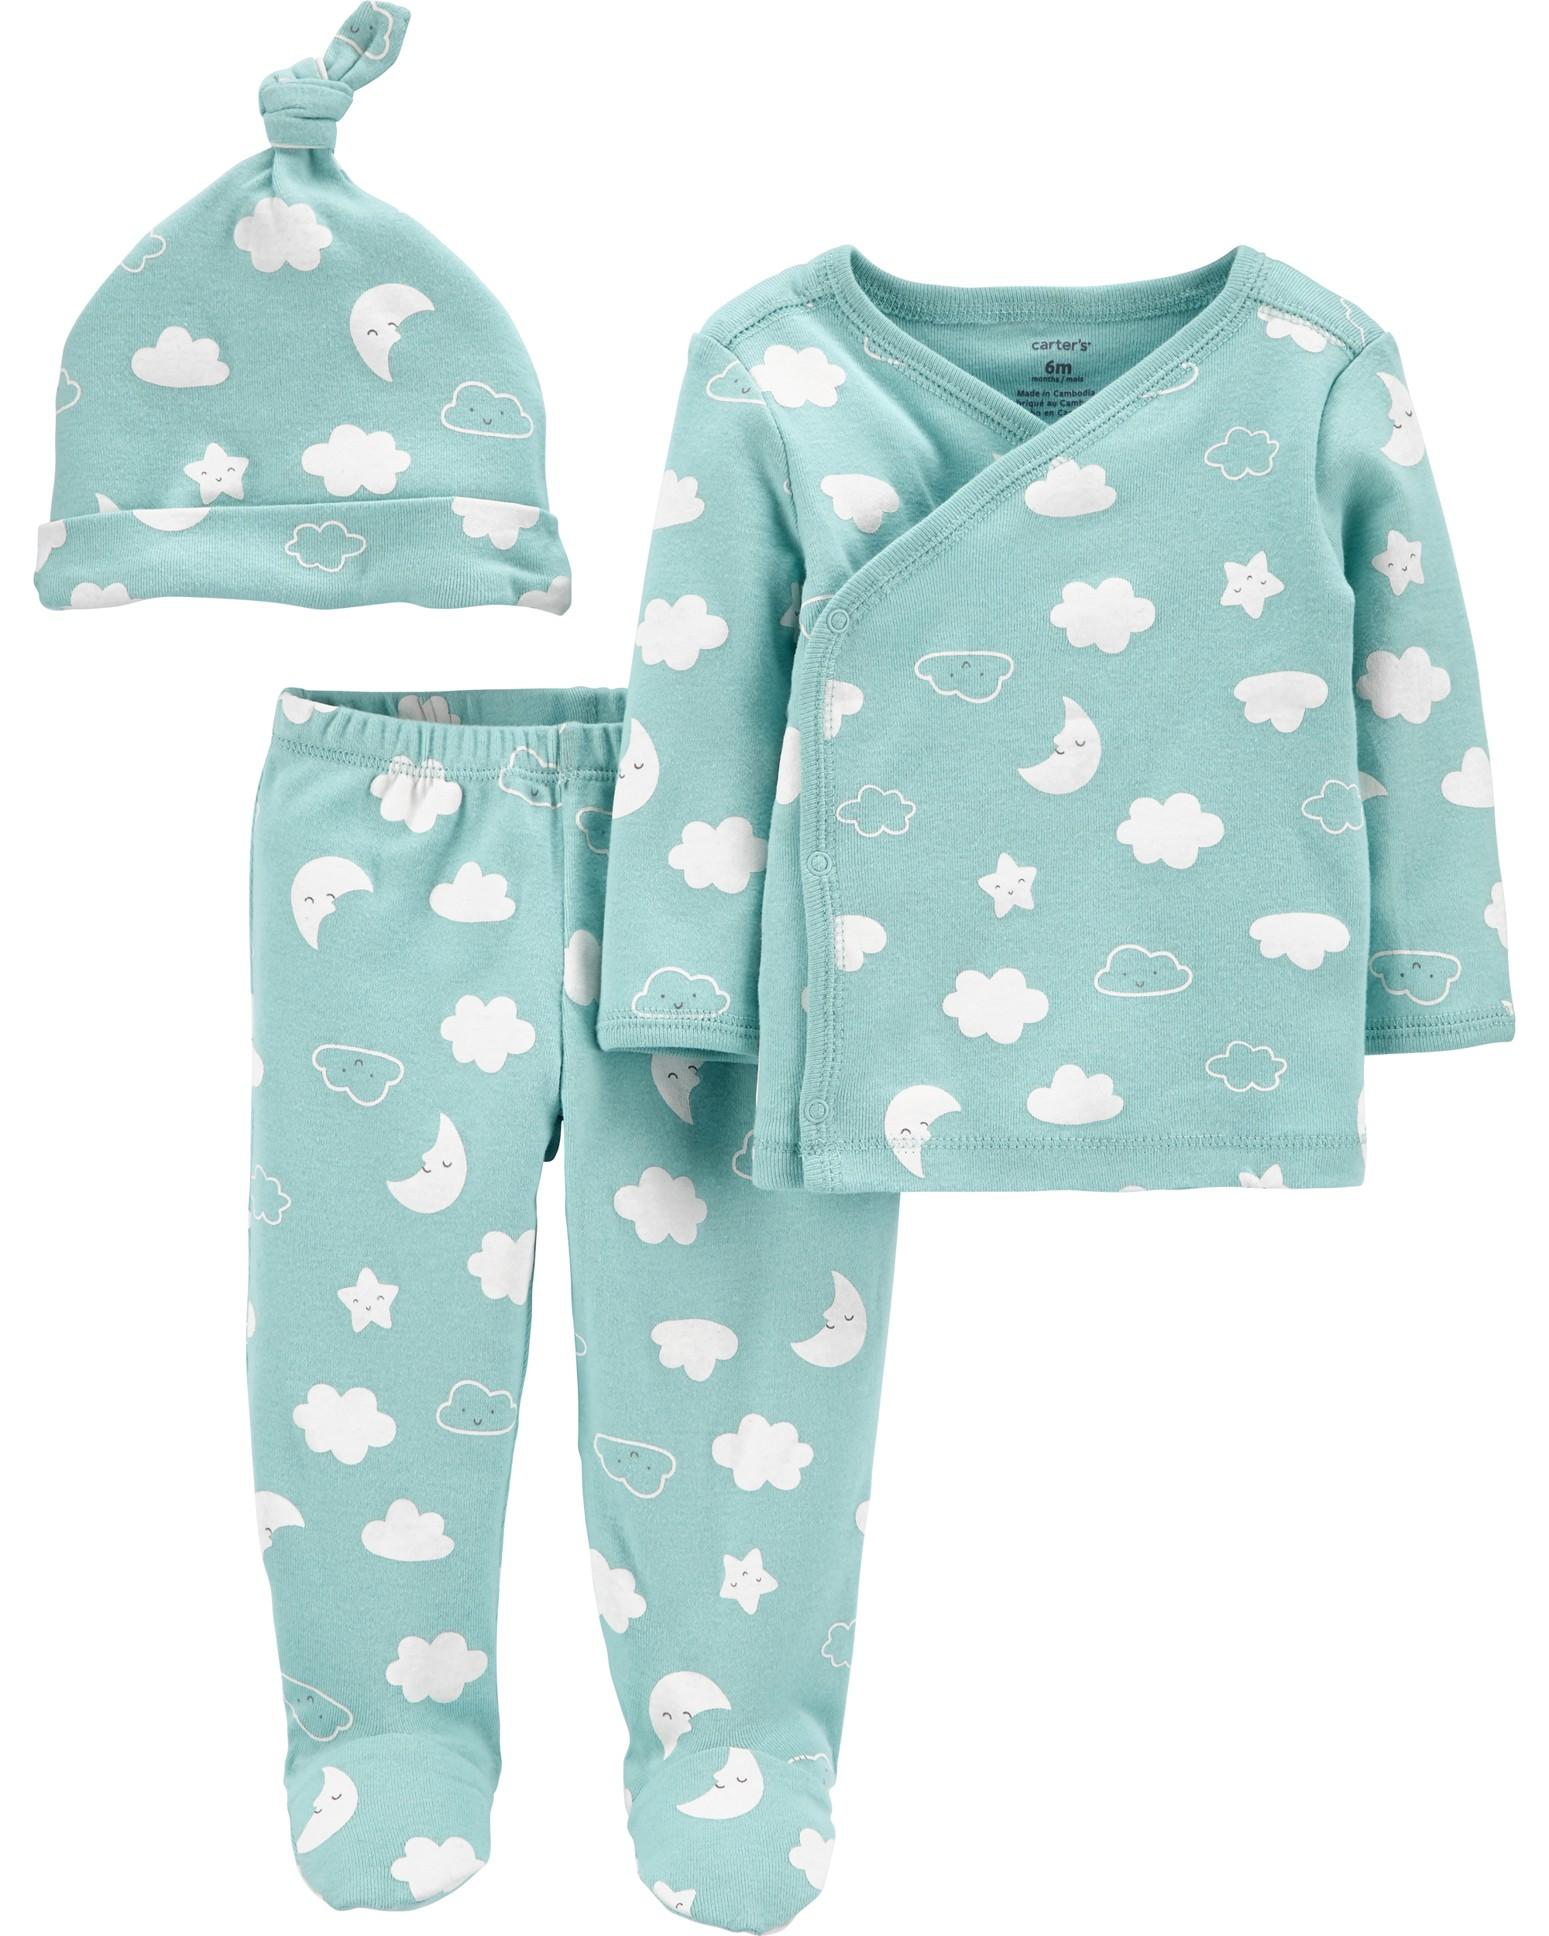 CARTER'S Set 3dielny polodupačky, tričko dl. rukáv zavinovacie, čiapka Blue Clouds neutrál LBB 3m, v